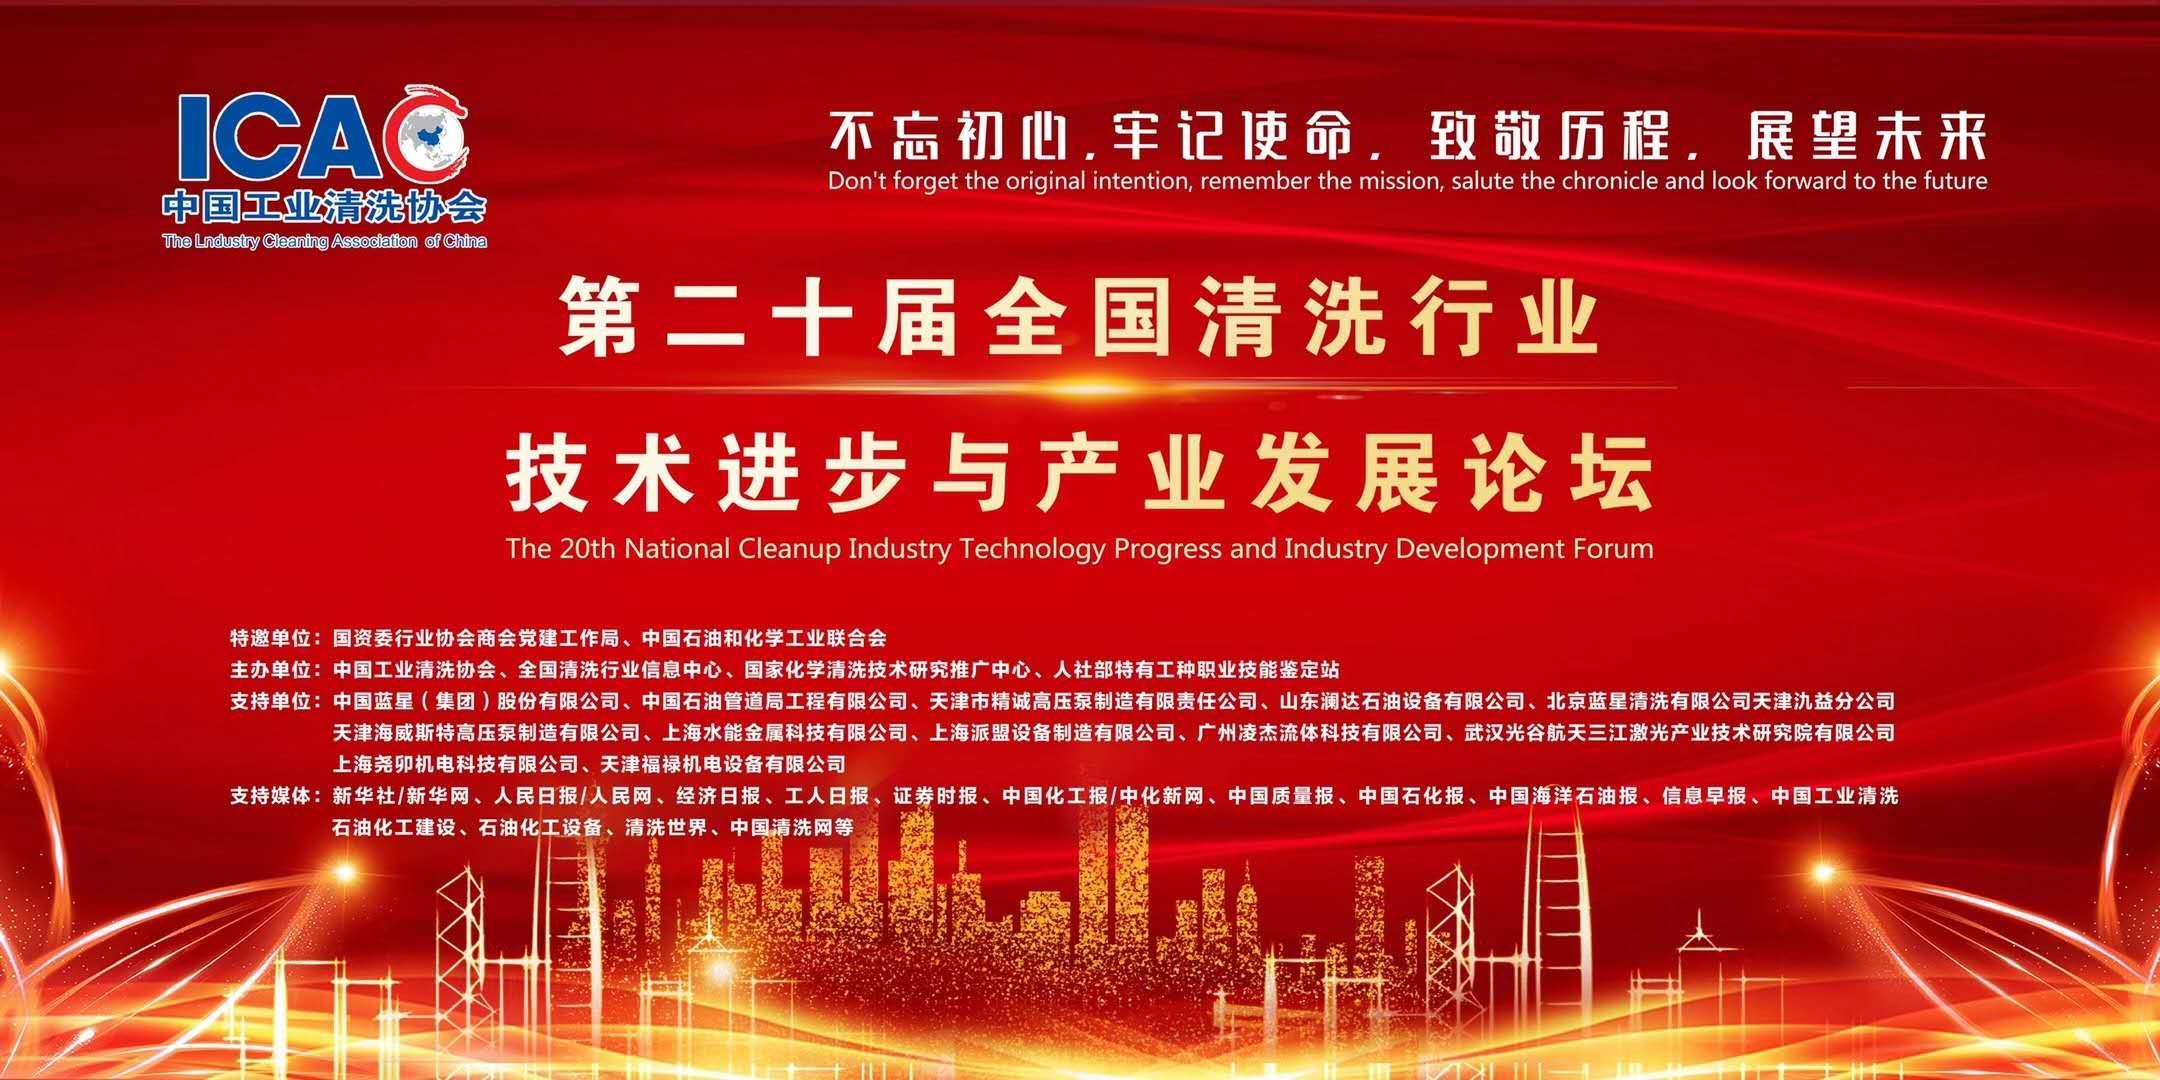 2020年第二十届全国清洗行业技术进步与产业发展论坛隆重召开